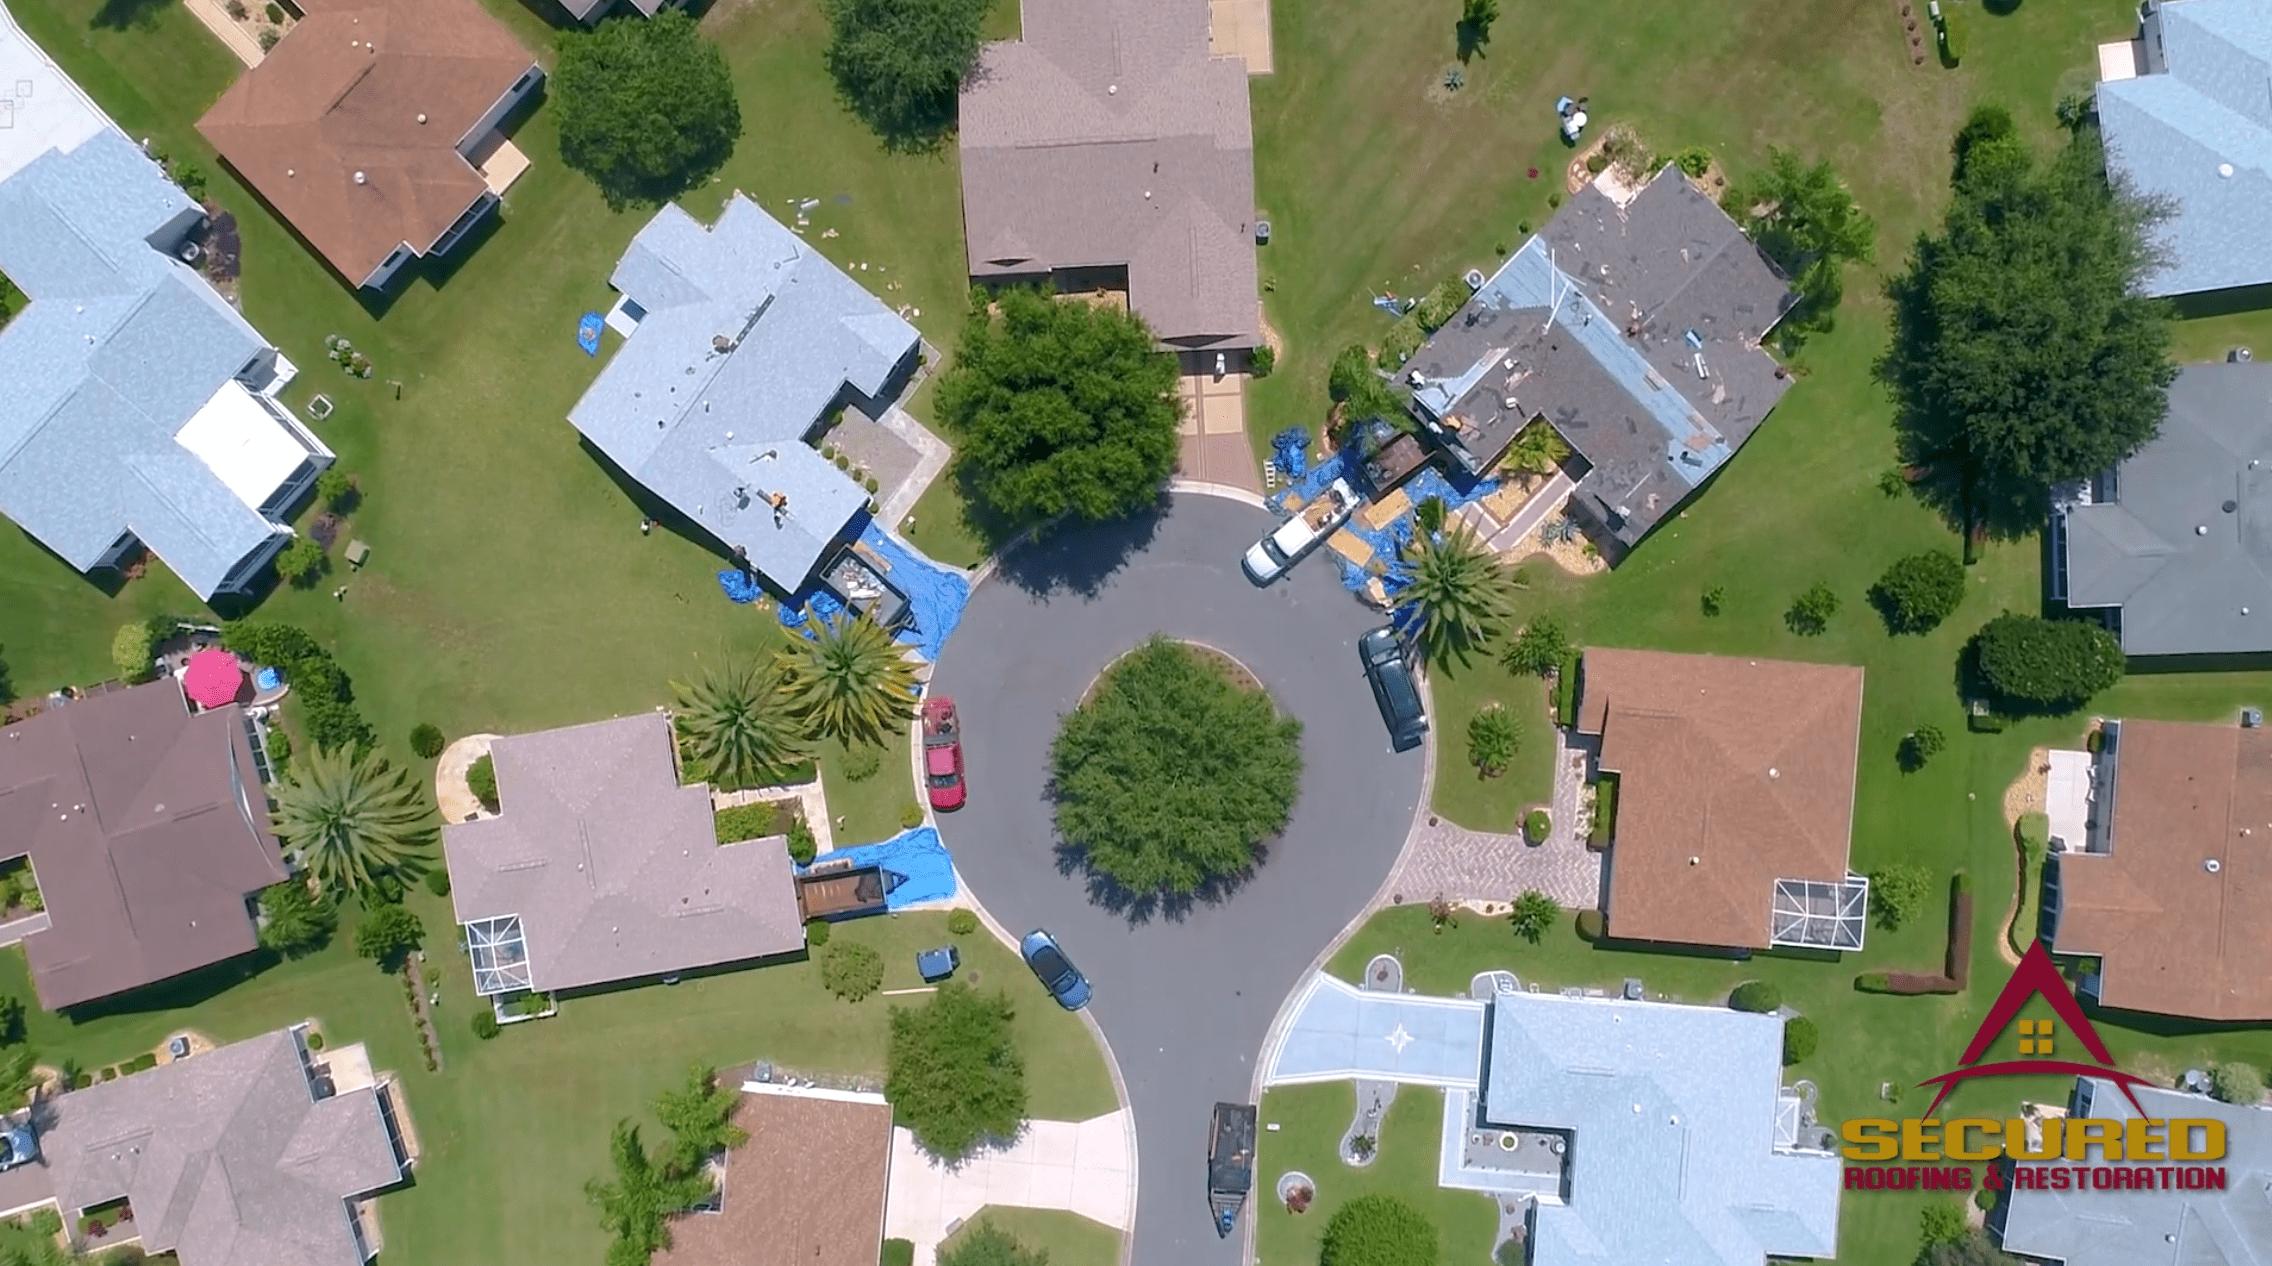 aerial view of circular culdesac